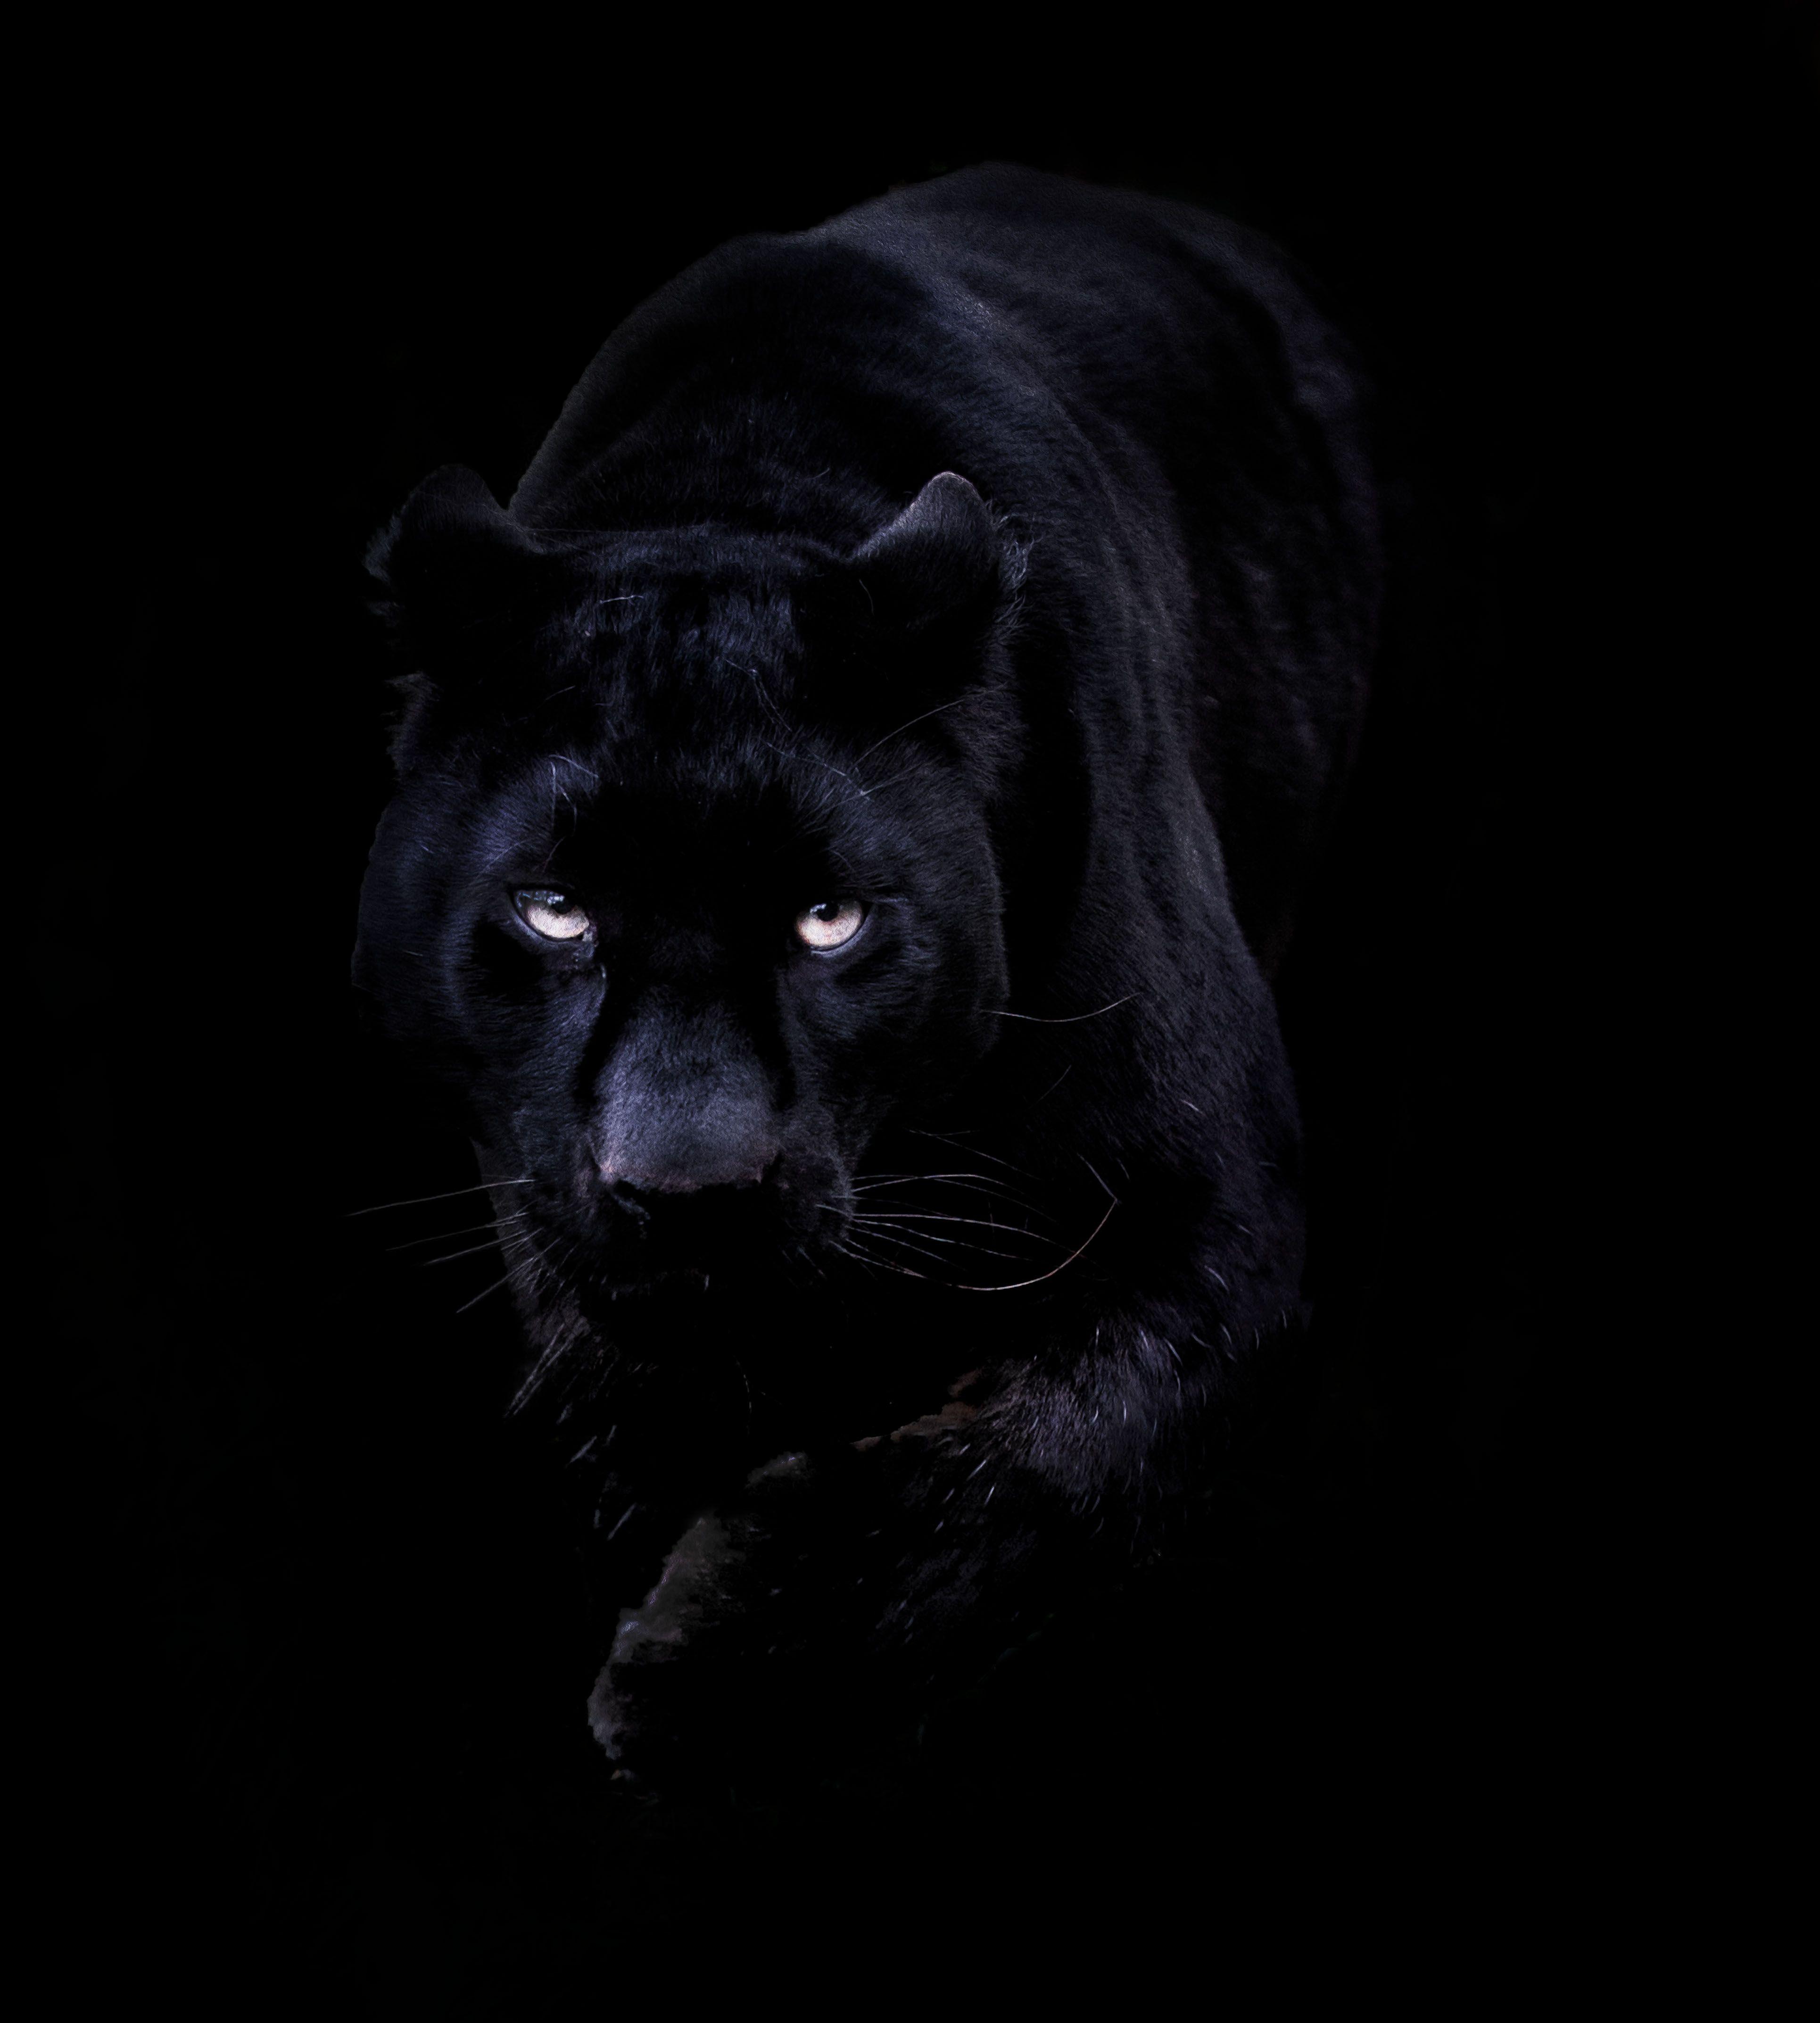 Black Jaguar Phone Hd Wallpapers Wallpaper Cave